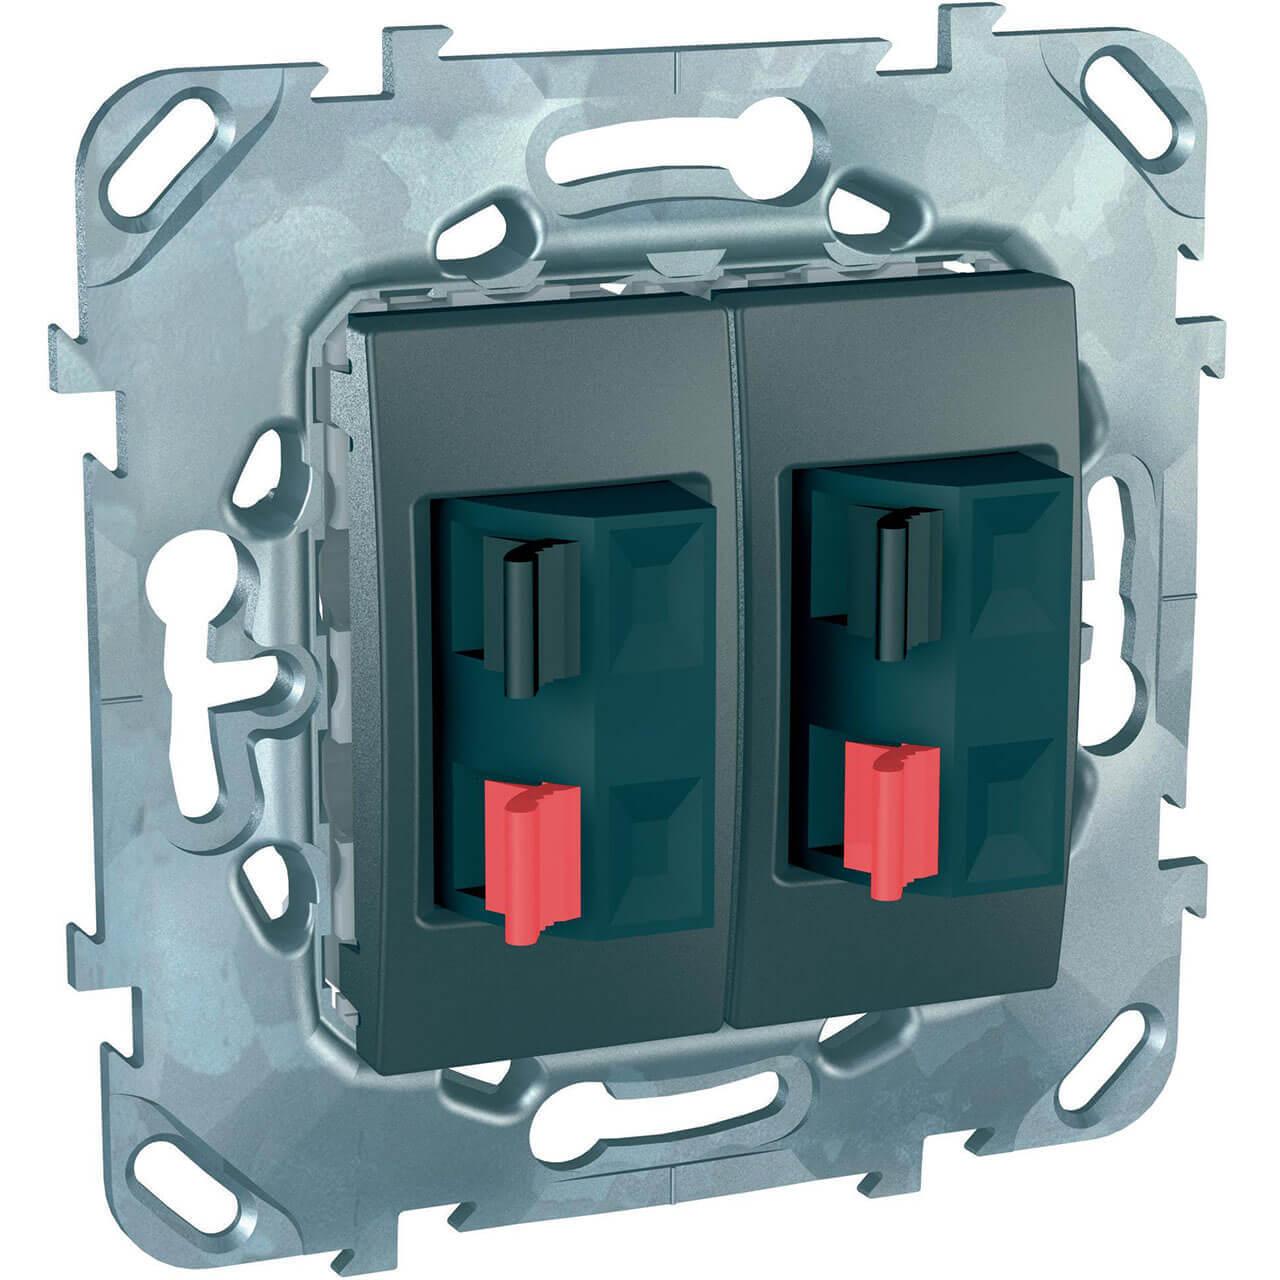 Розетка Schneider Electric MGU5.8787.12ZD Unica Top (Подходит под рамки Unica Top, Unica Class)